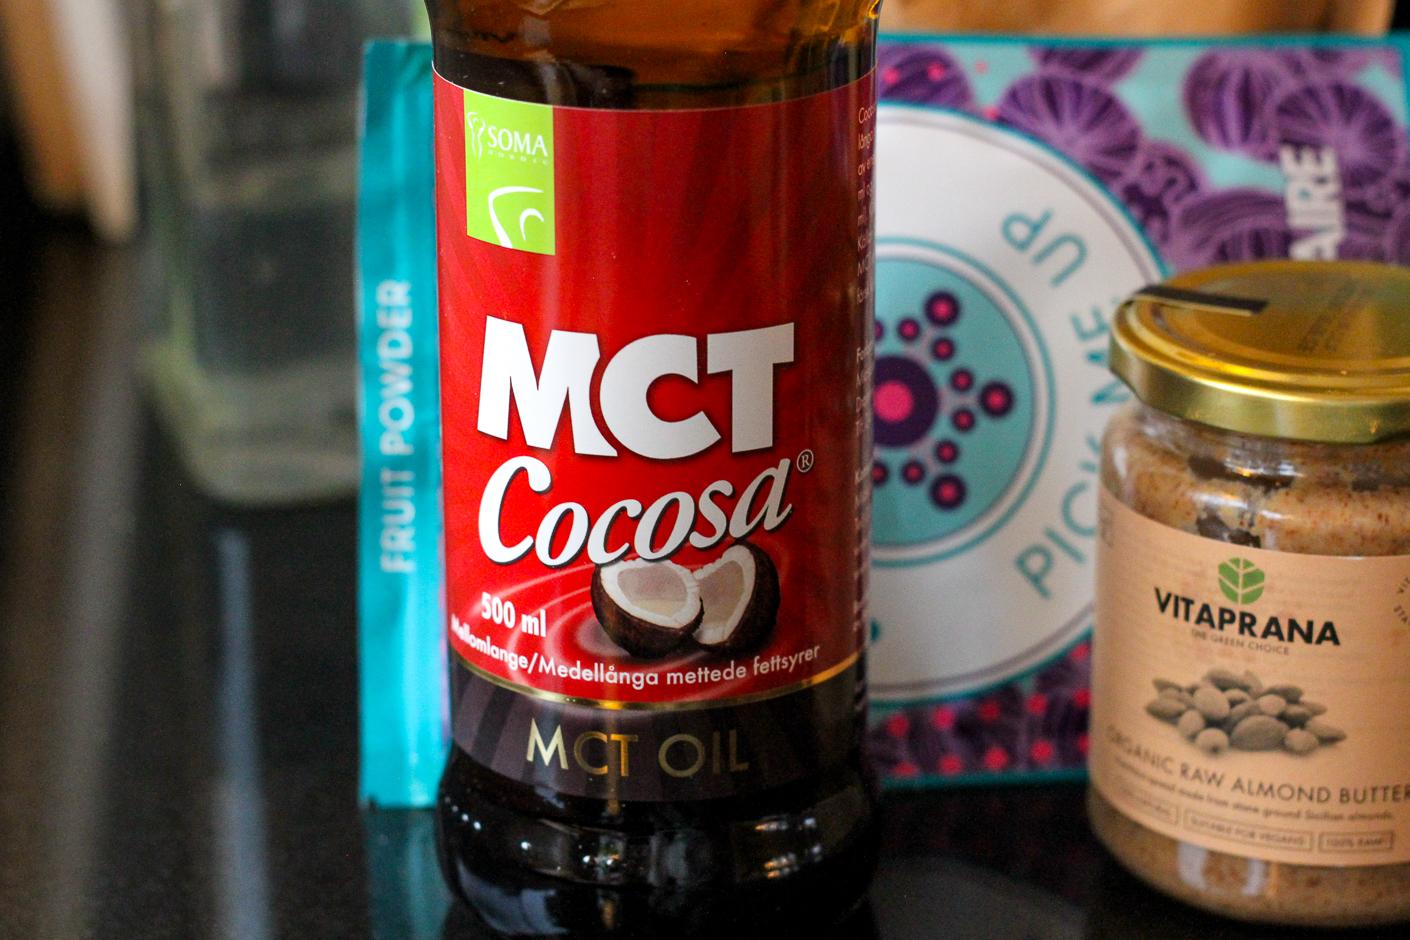 mct-olja